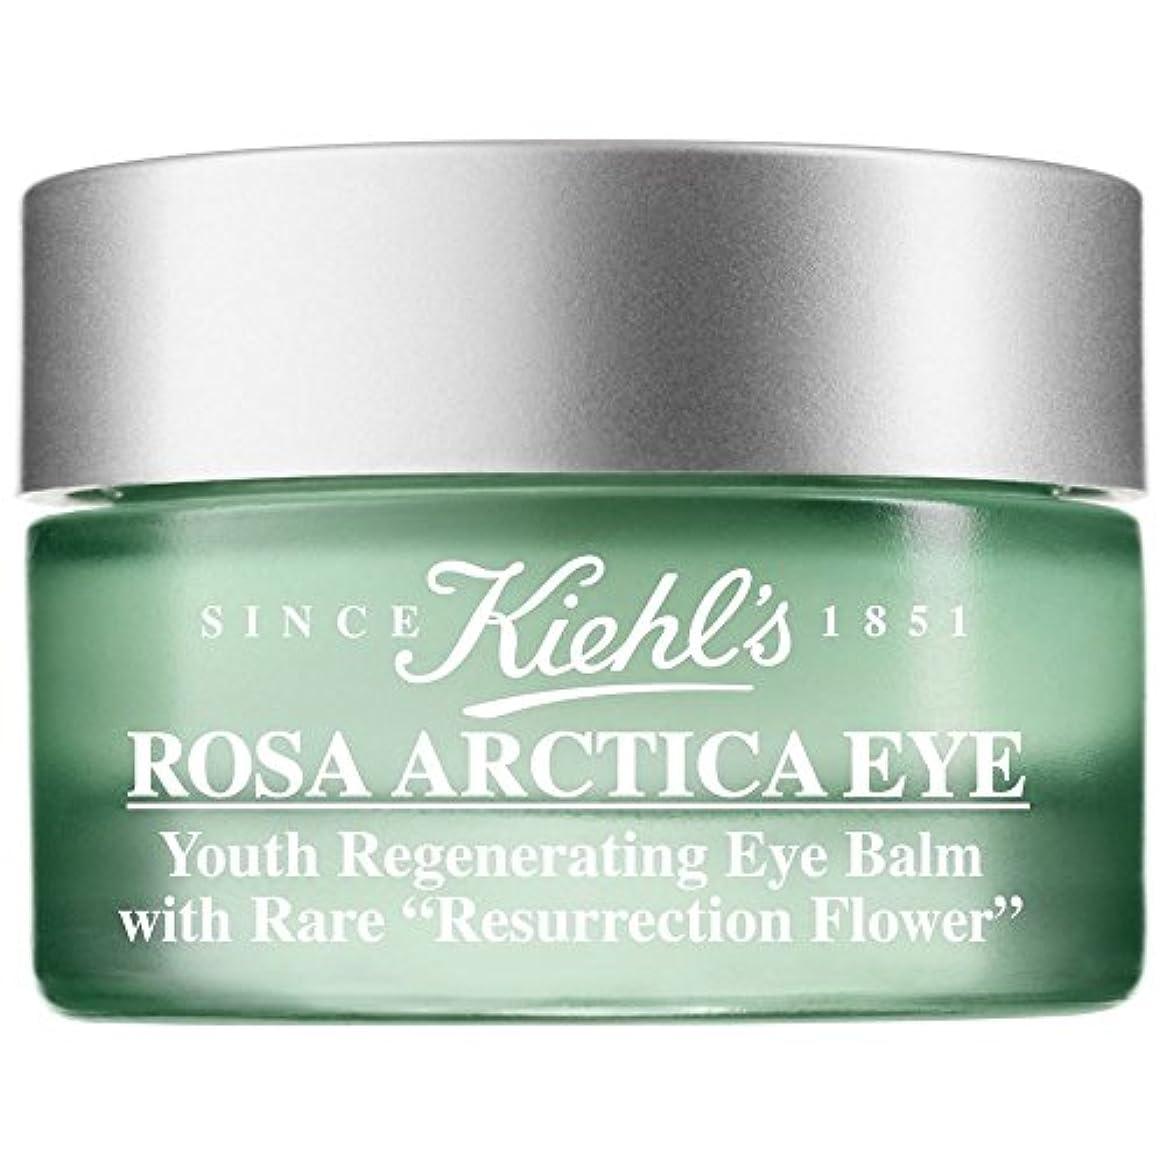 展示会やりすぎ到着[Kiehl's] キールズローザArticaアイ14ミリリットル - Kiehl's Rosa Artica Eye 14ml [並行輸入品]